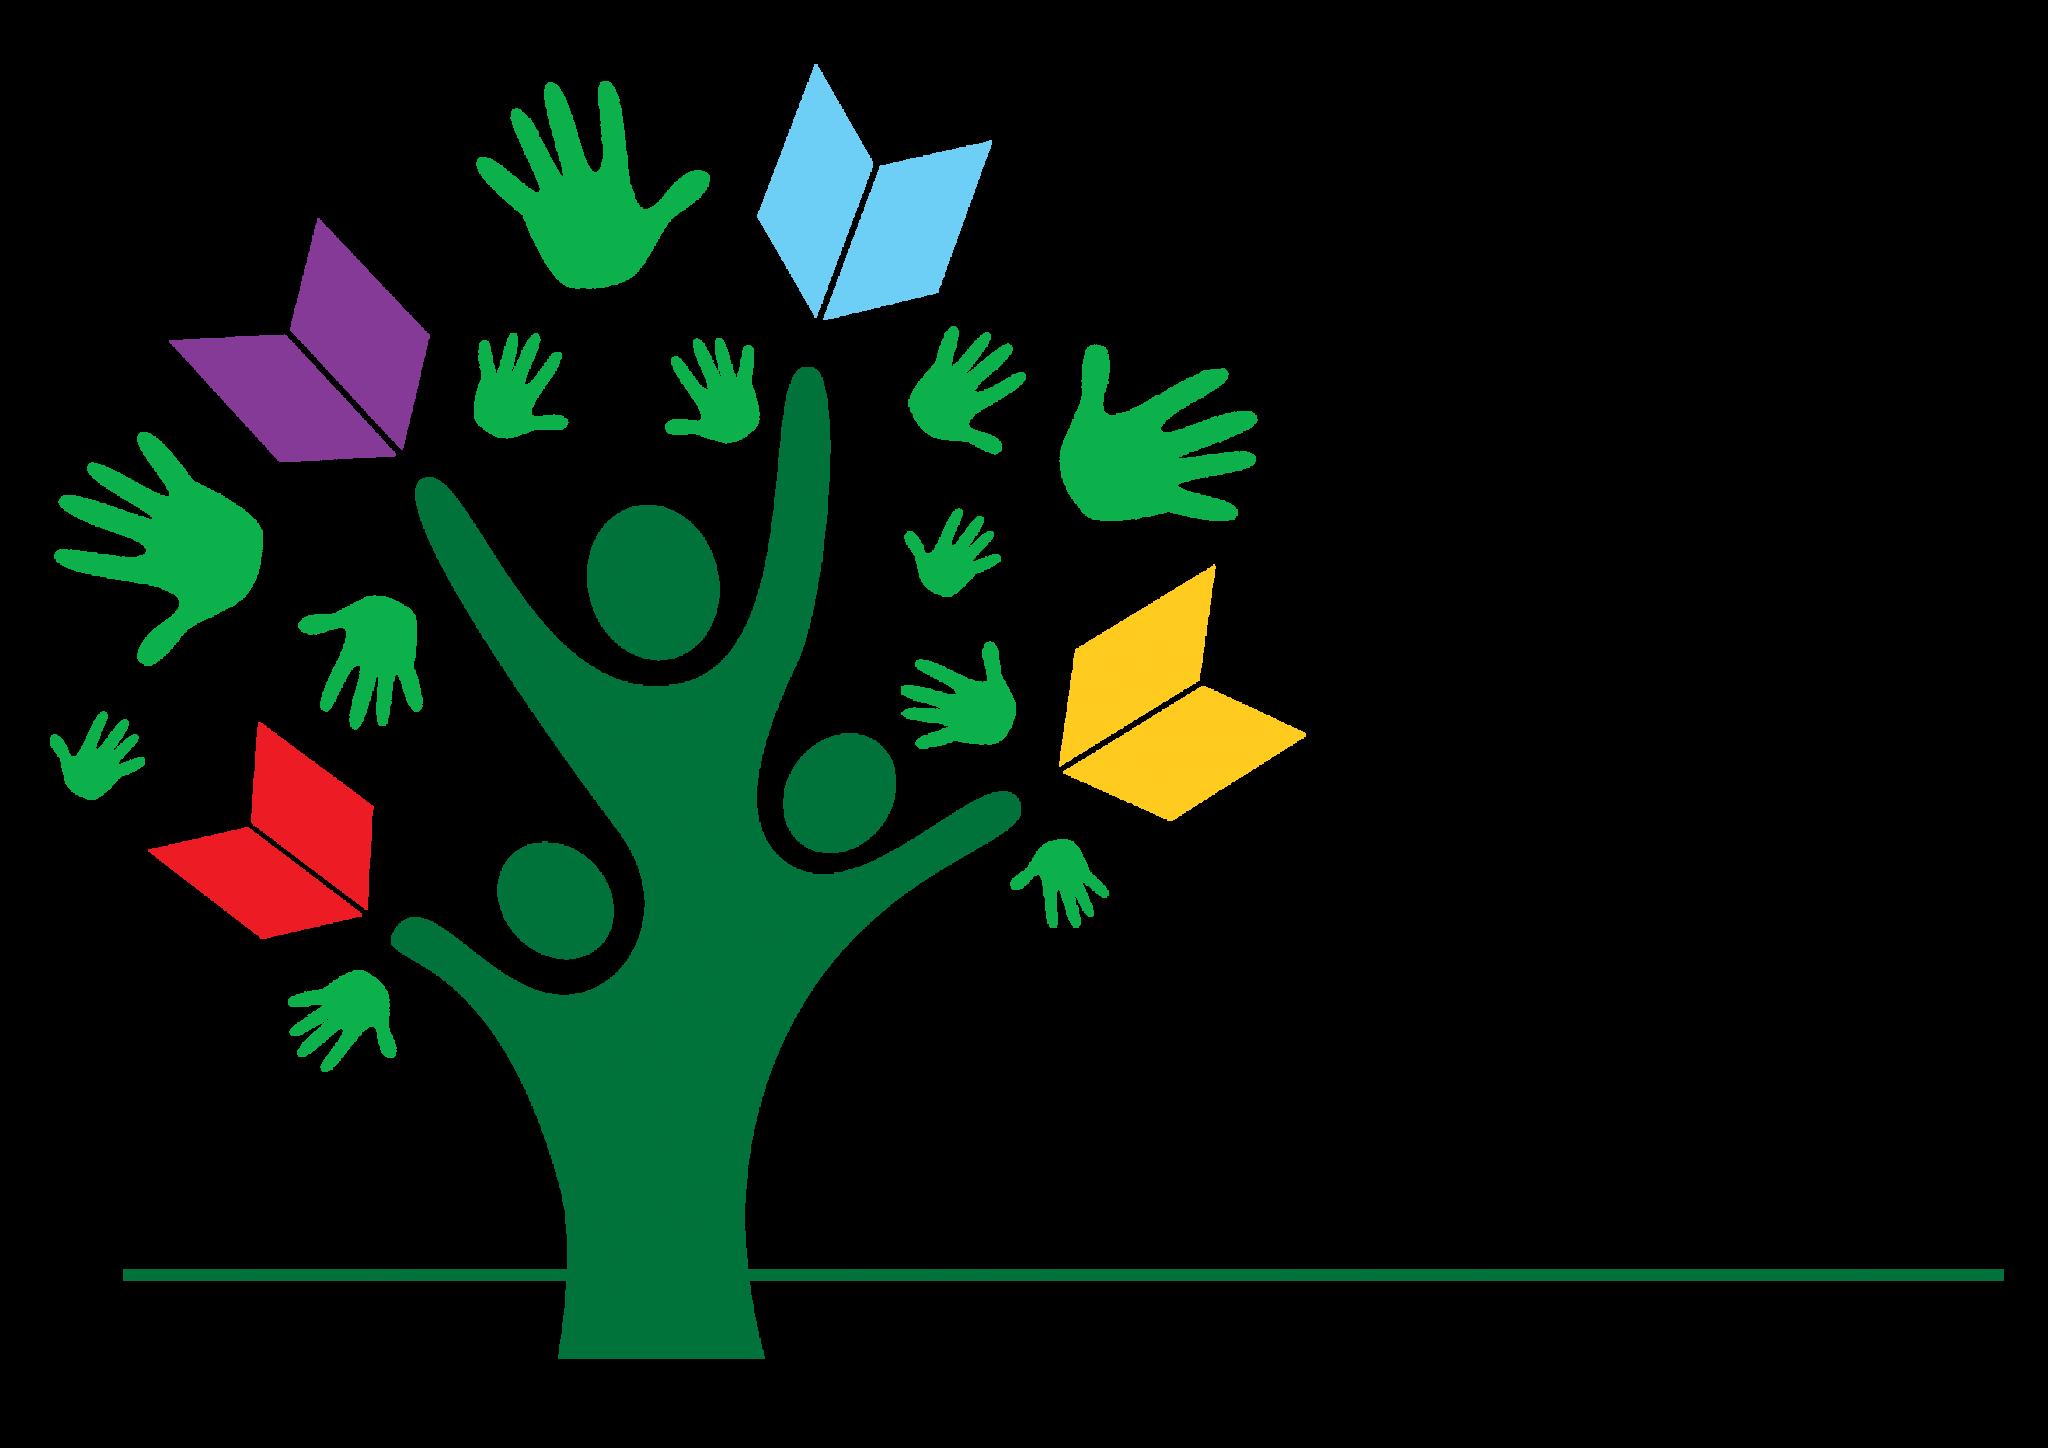 Ecole sainte marie un site utilisant wordpress - Image d ecole maternelle ...